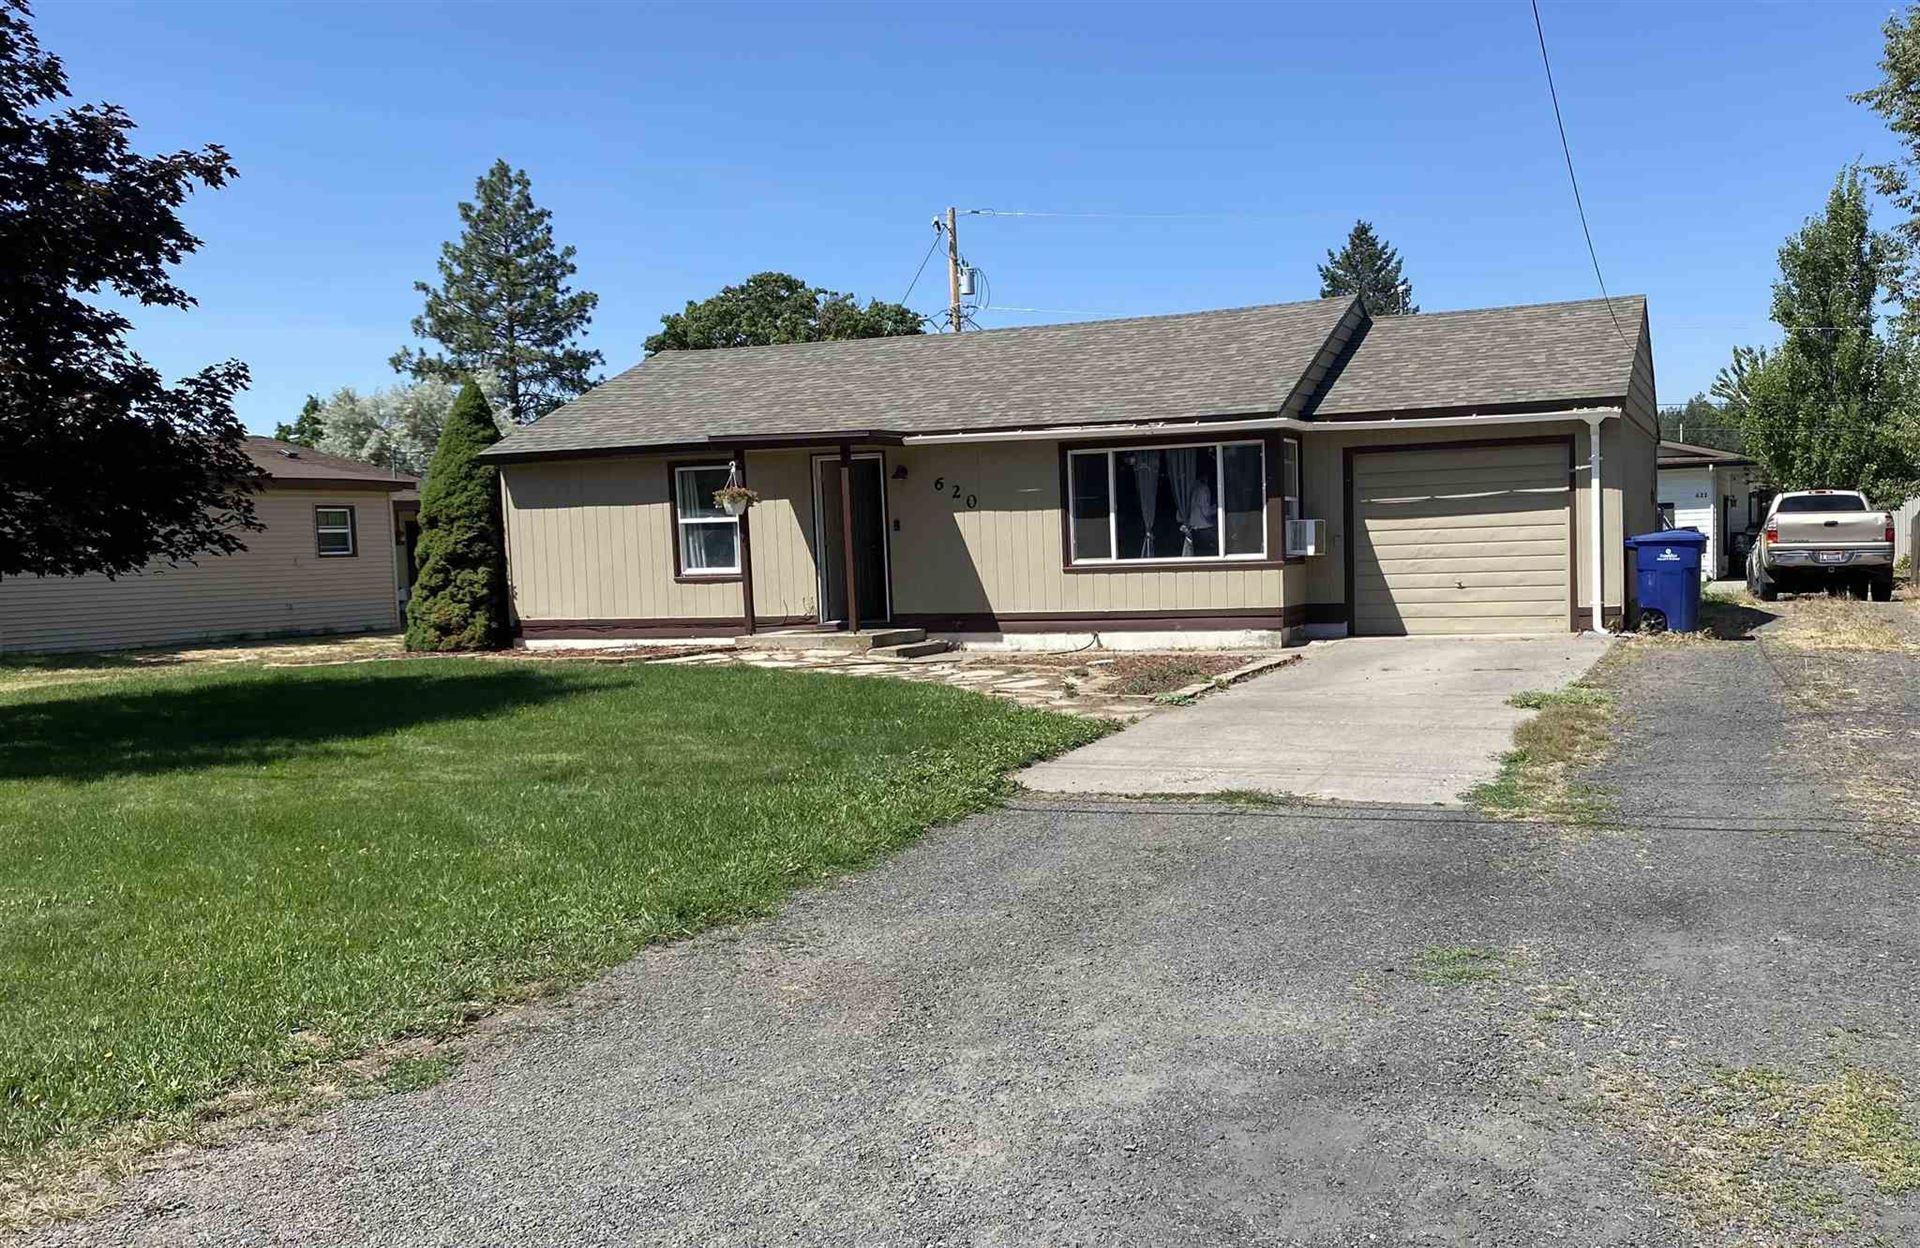 620 S Jefferson St, Medical Lake, WA 99022 - #: 202118432